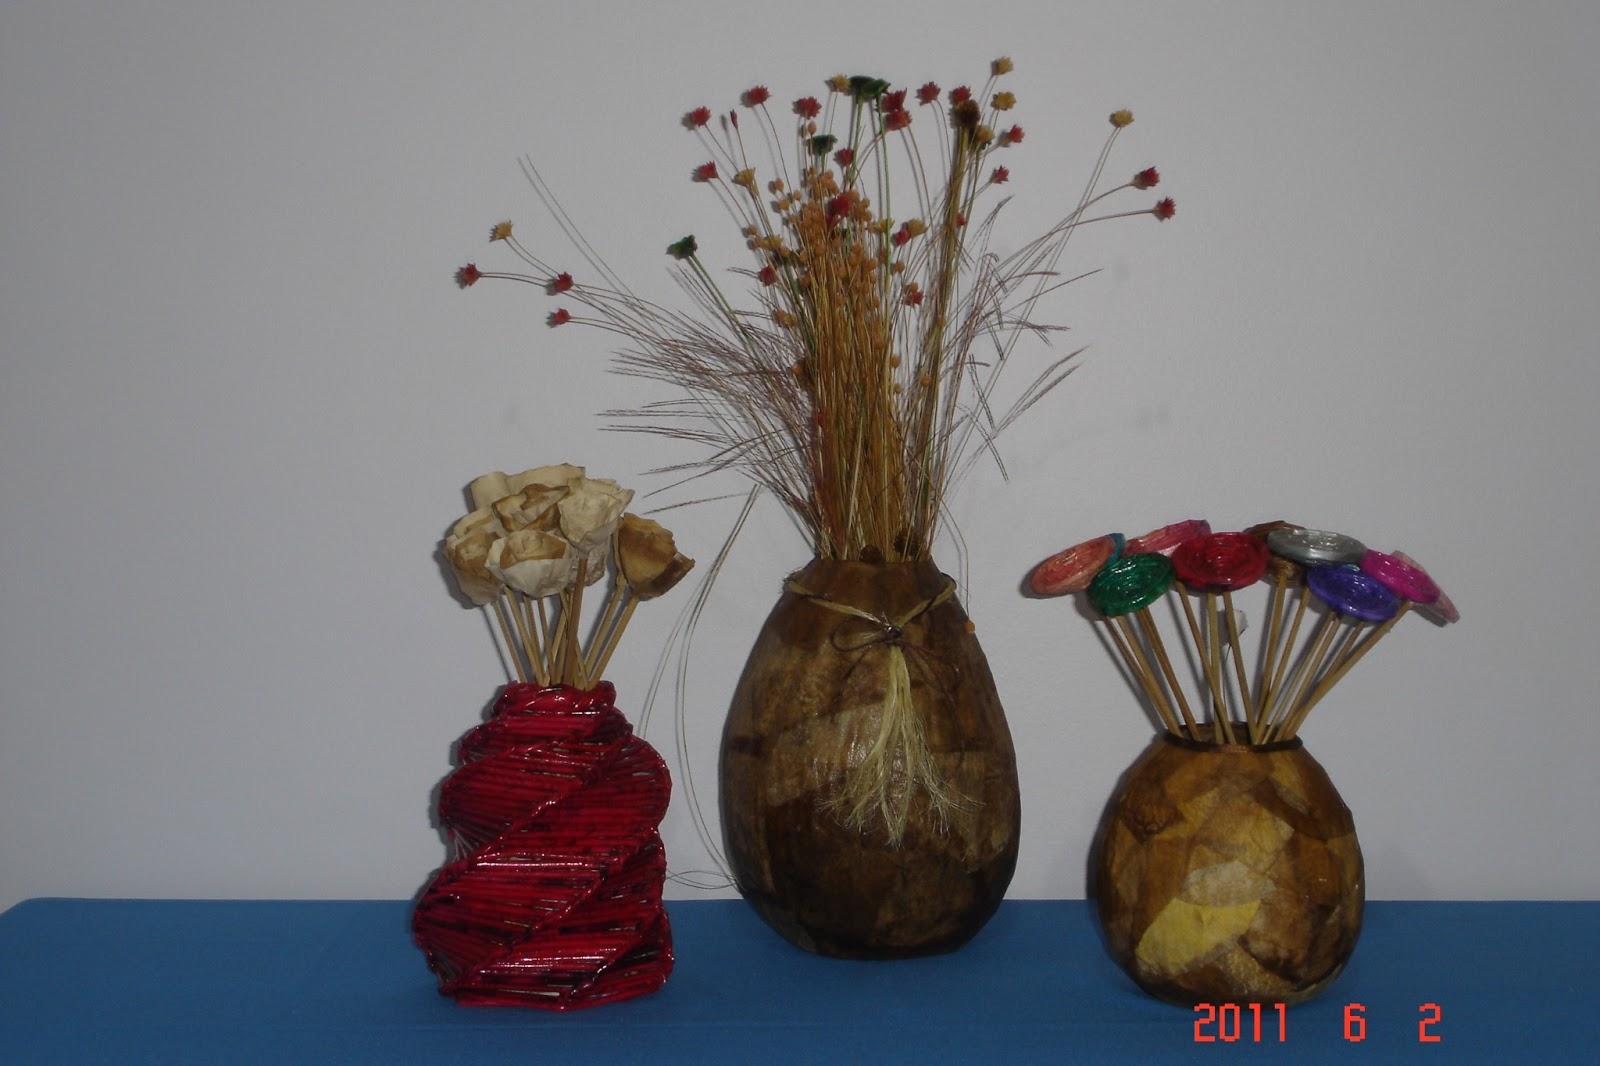 Armario Escobero Ikea ~ ReSignificArt Artesanato Reciclável Vasos (Vasos de Jornal e Filtro de Café)